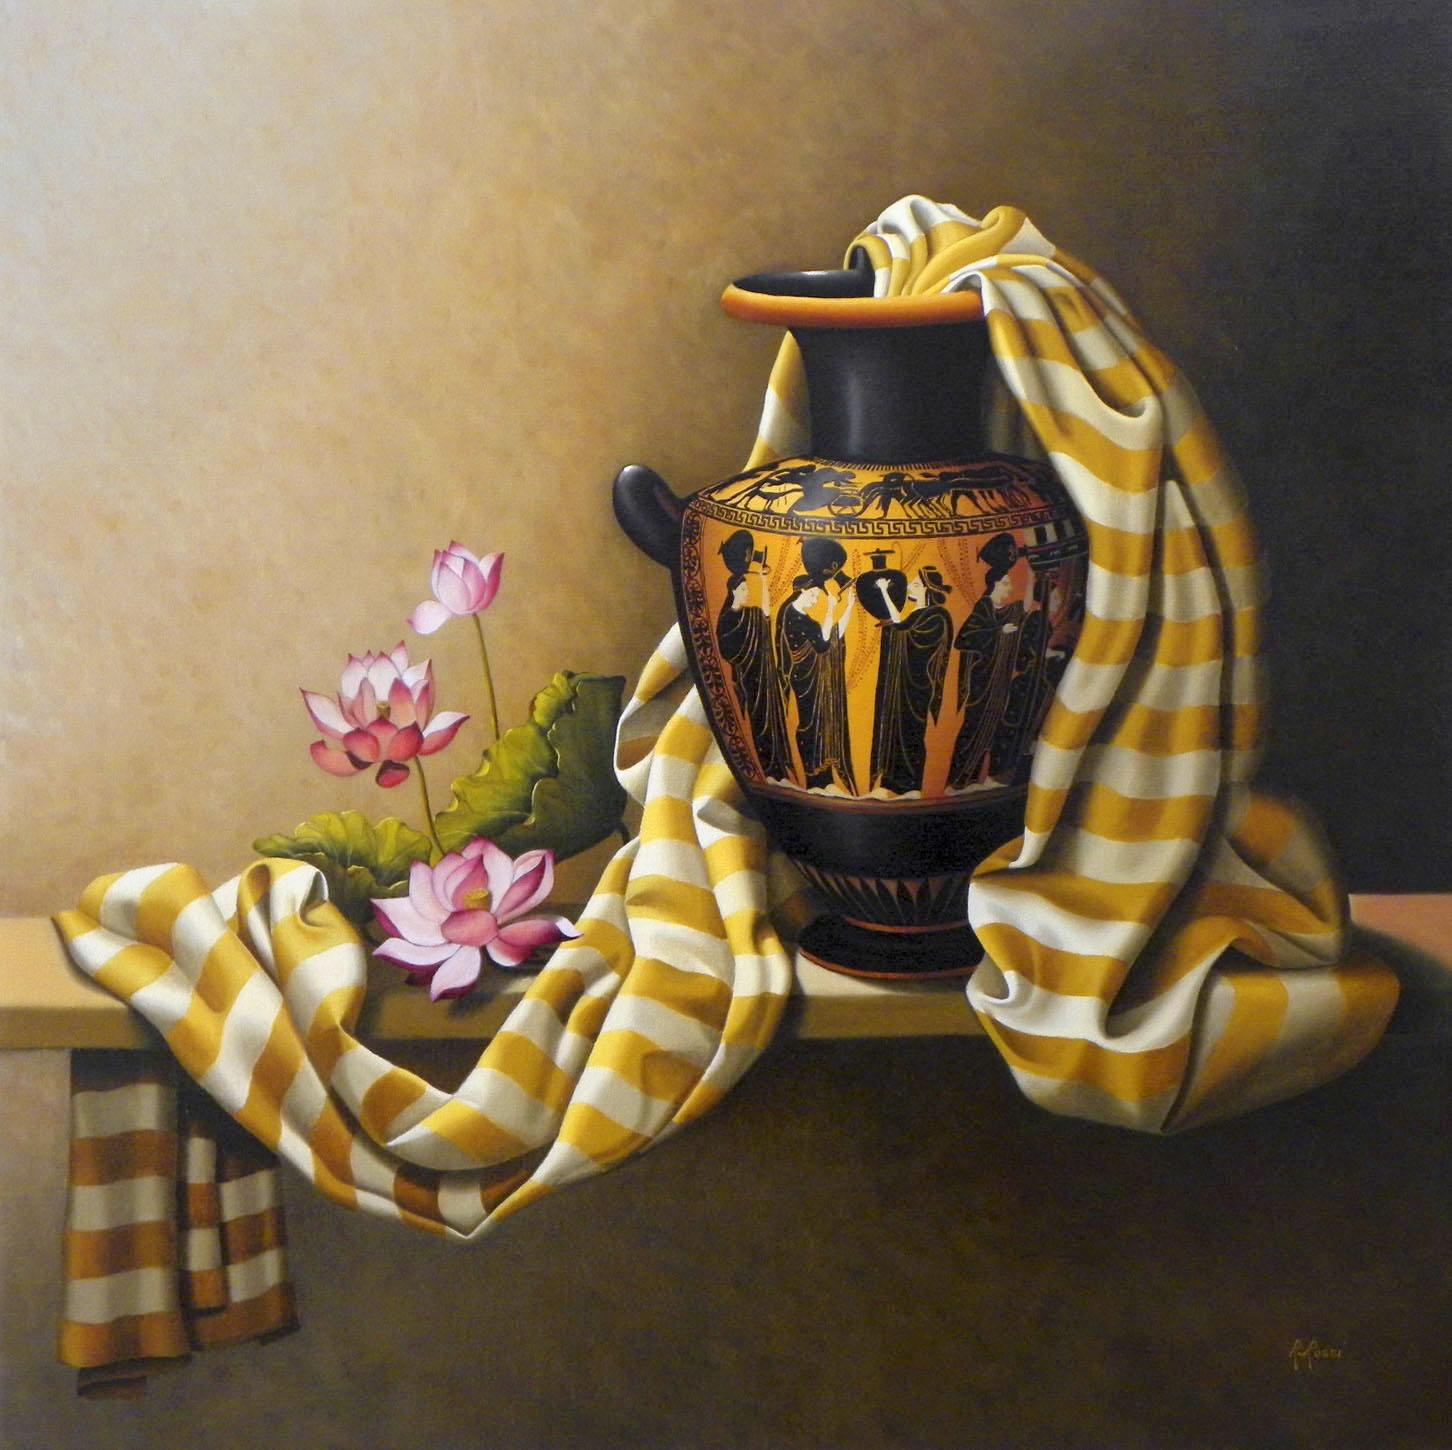 2009 roberta rossi - Fanciulle alla fonte - olio su tela - 70 x 70